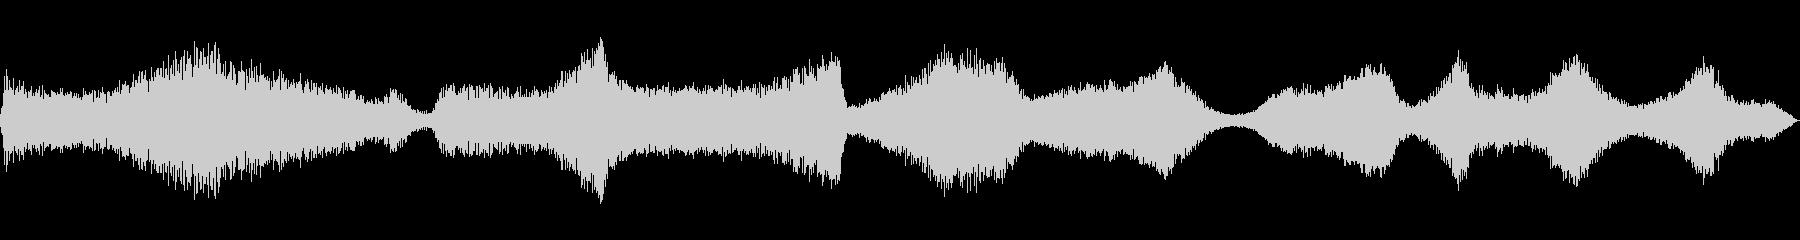 ラジオのチューニングの未再生の波形